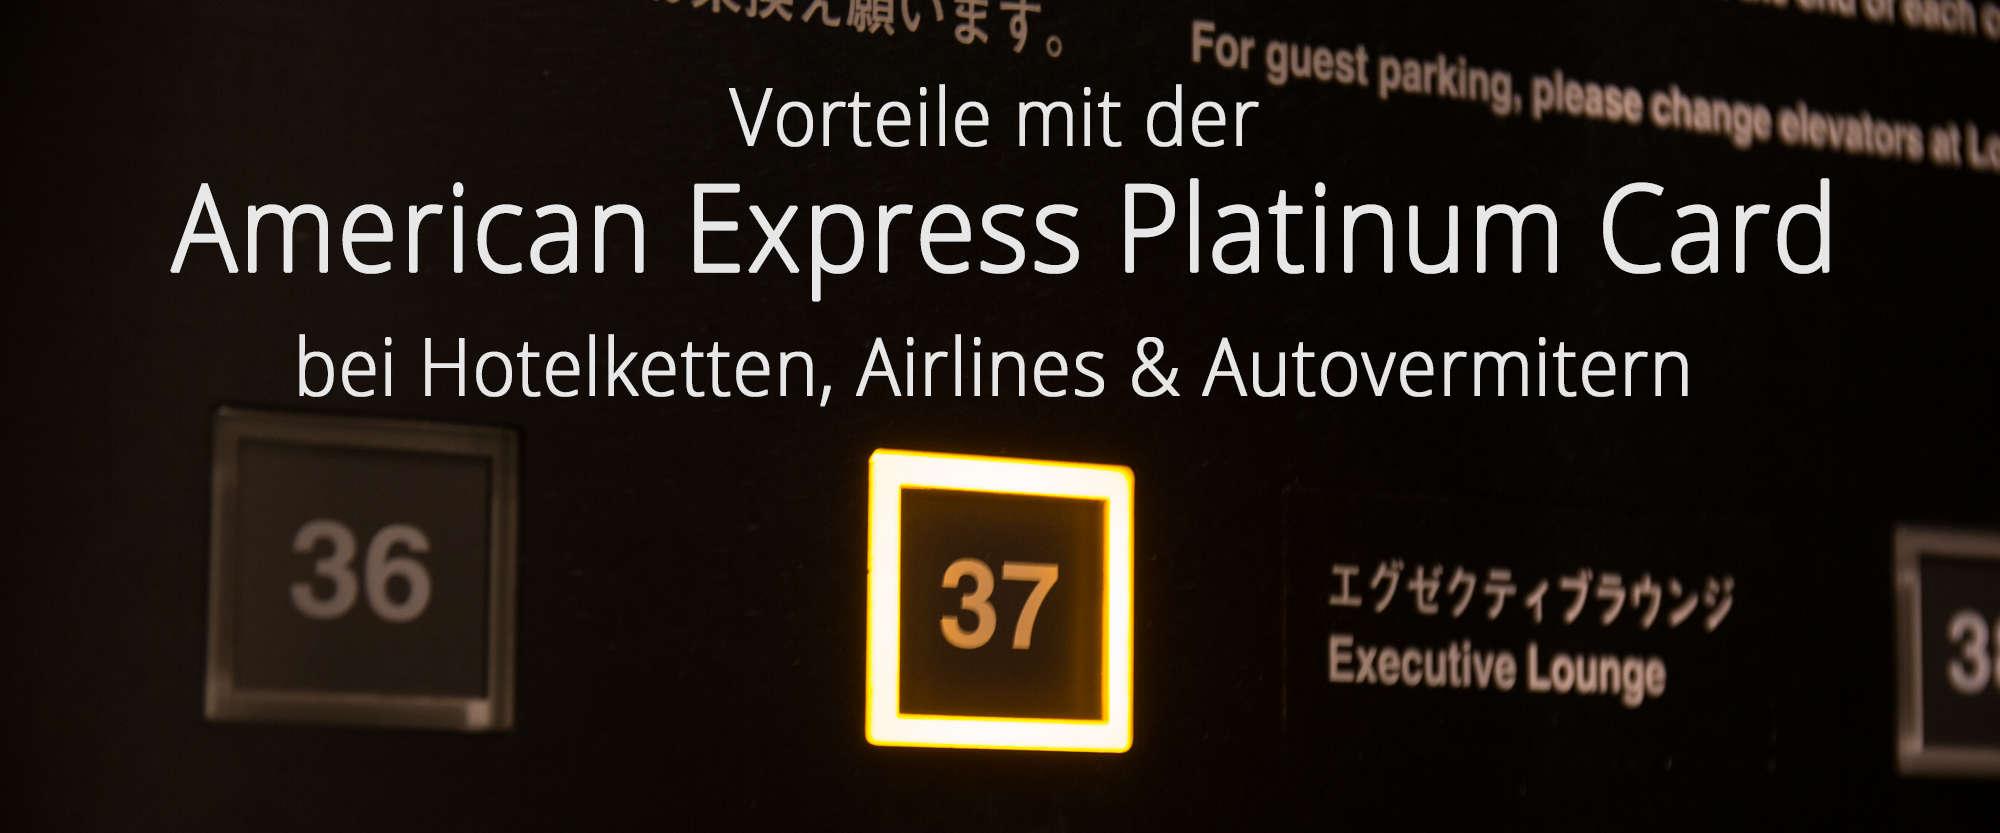 American Express Platinum Card Diese Vorteile Habt Ihr Bei Hotels